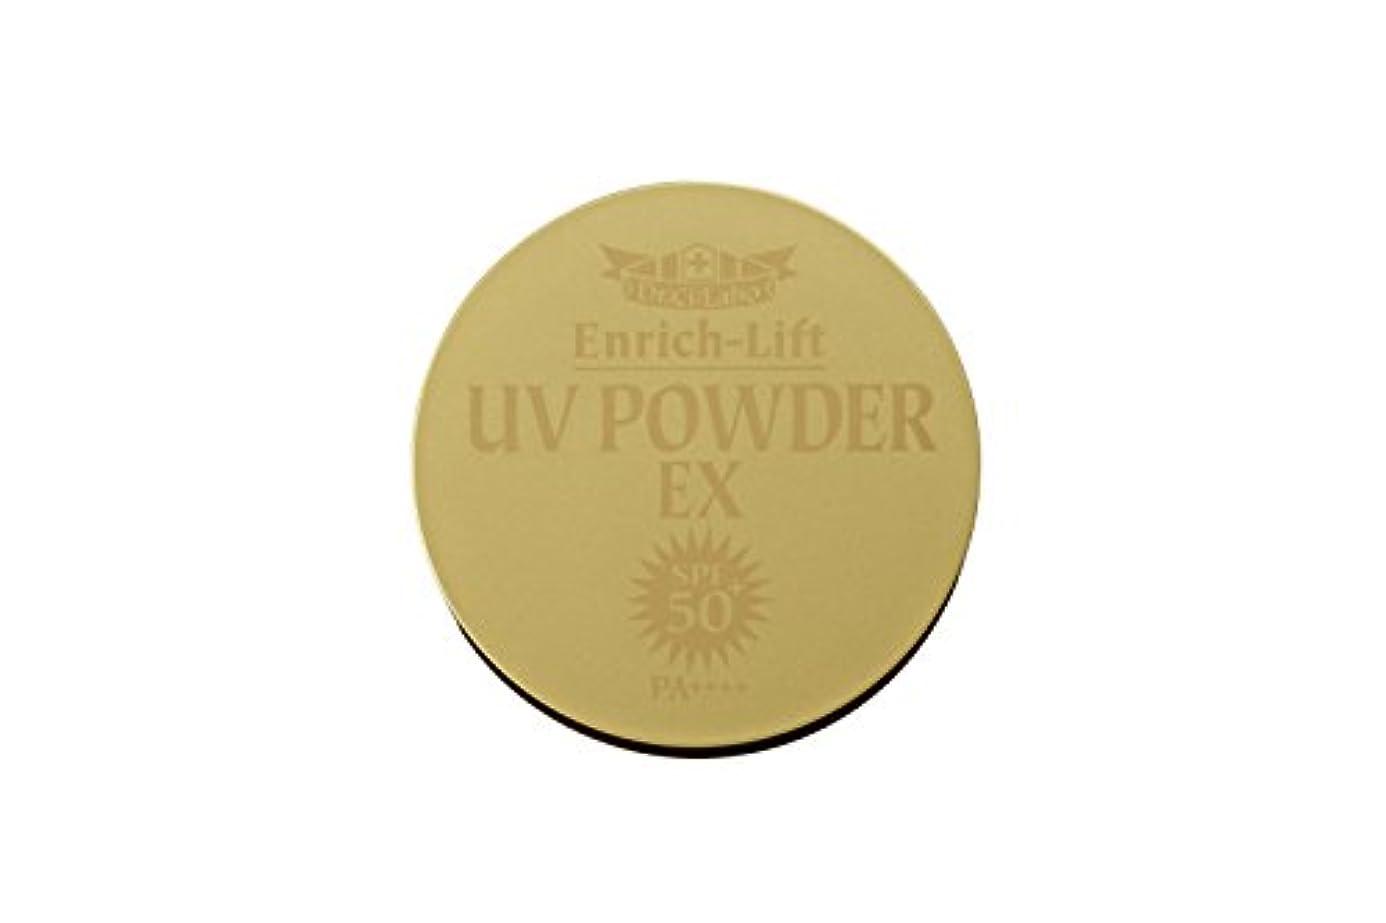 ドクターシーラボ エンリッチリフト UVパウダー EX50+ 日焼け止め ルーセントパウダー